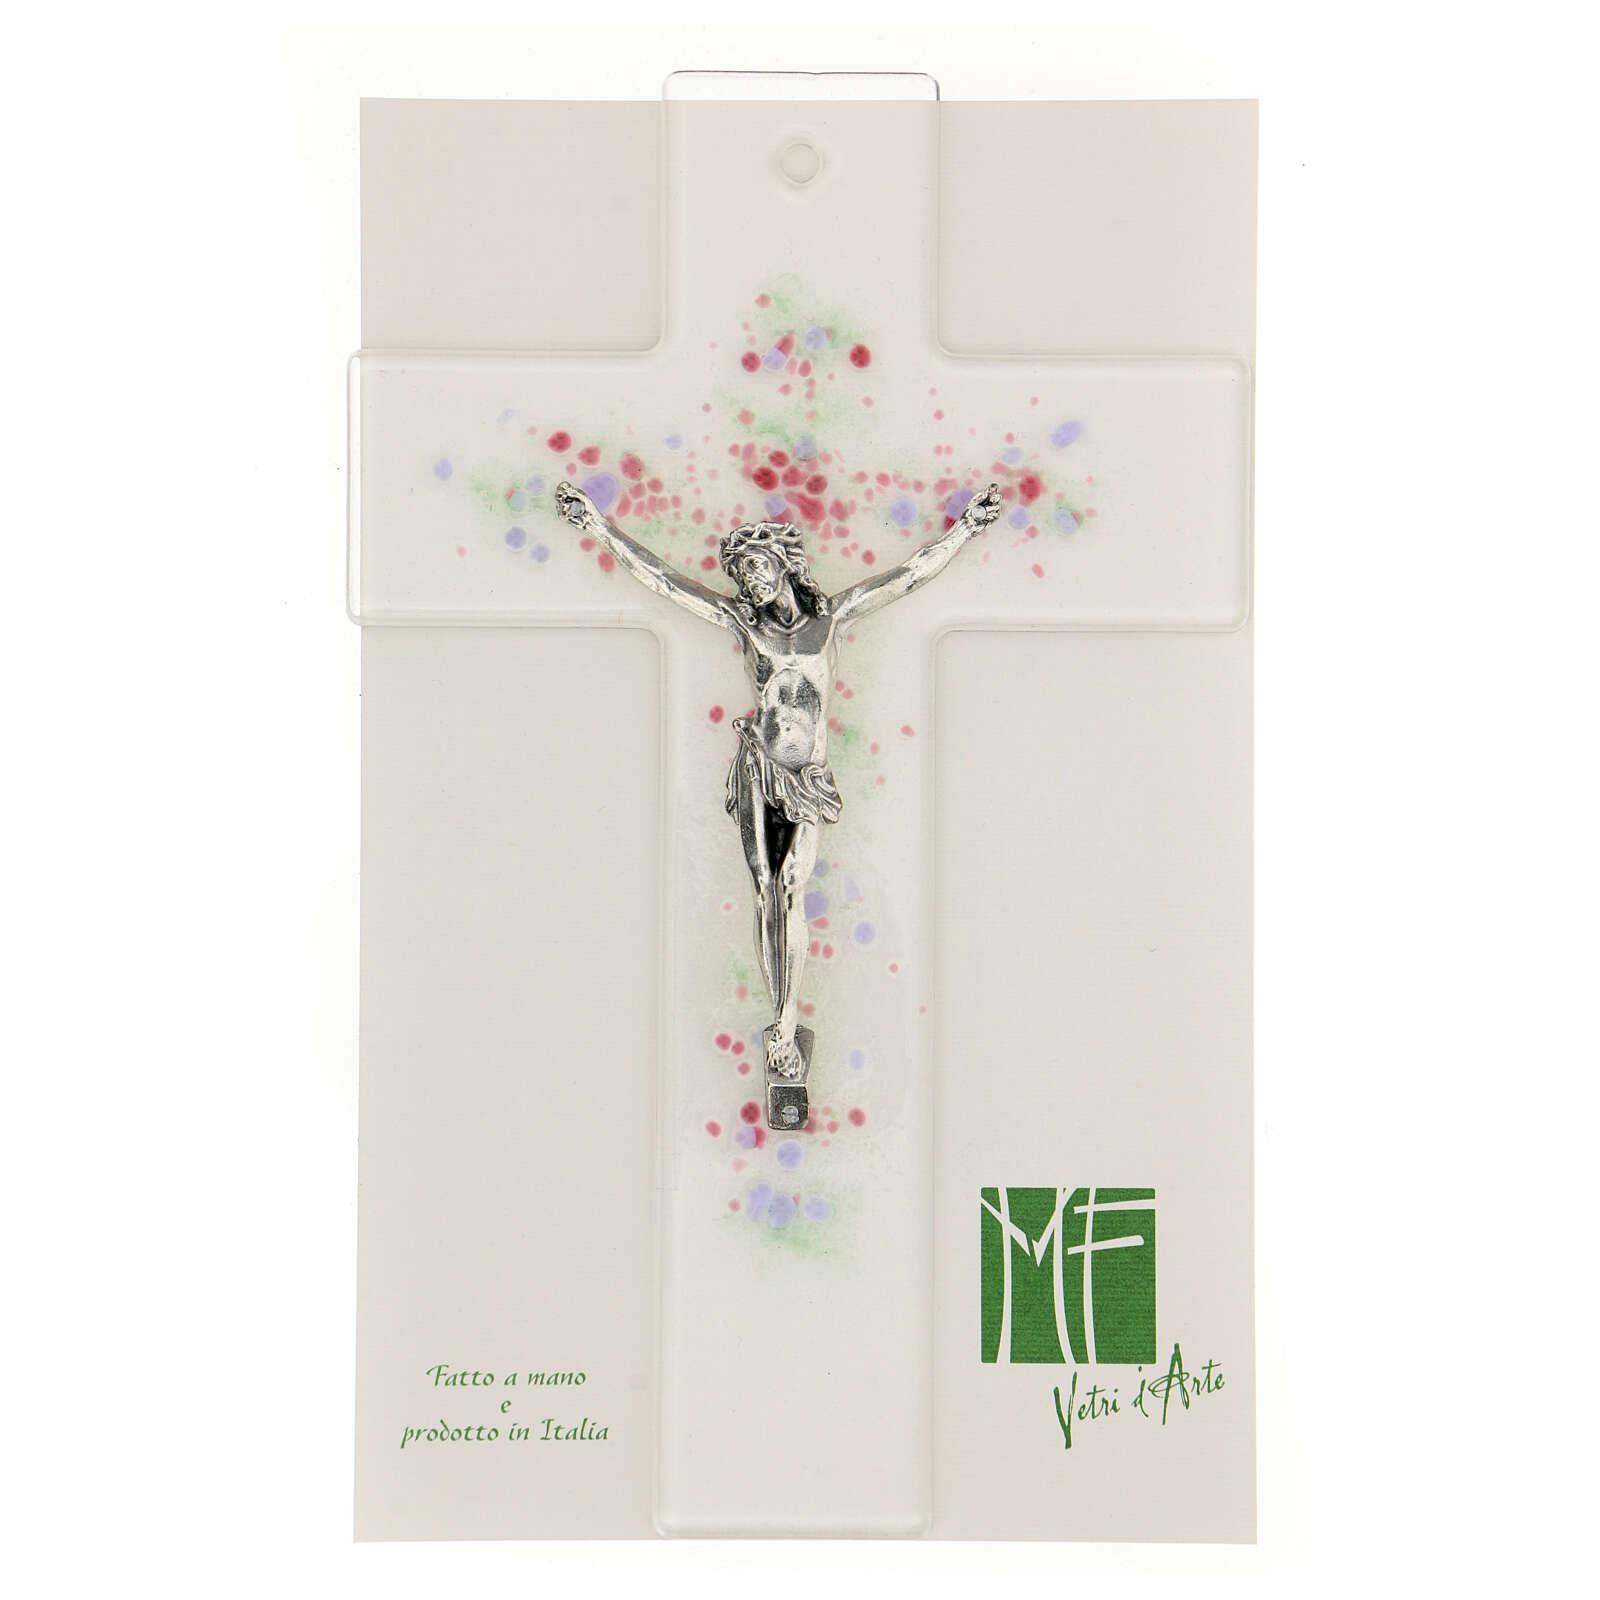 Crucifijo moderno con bolitas de color en relieve 20x15 cm 4